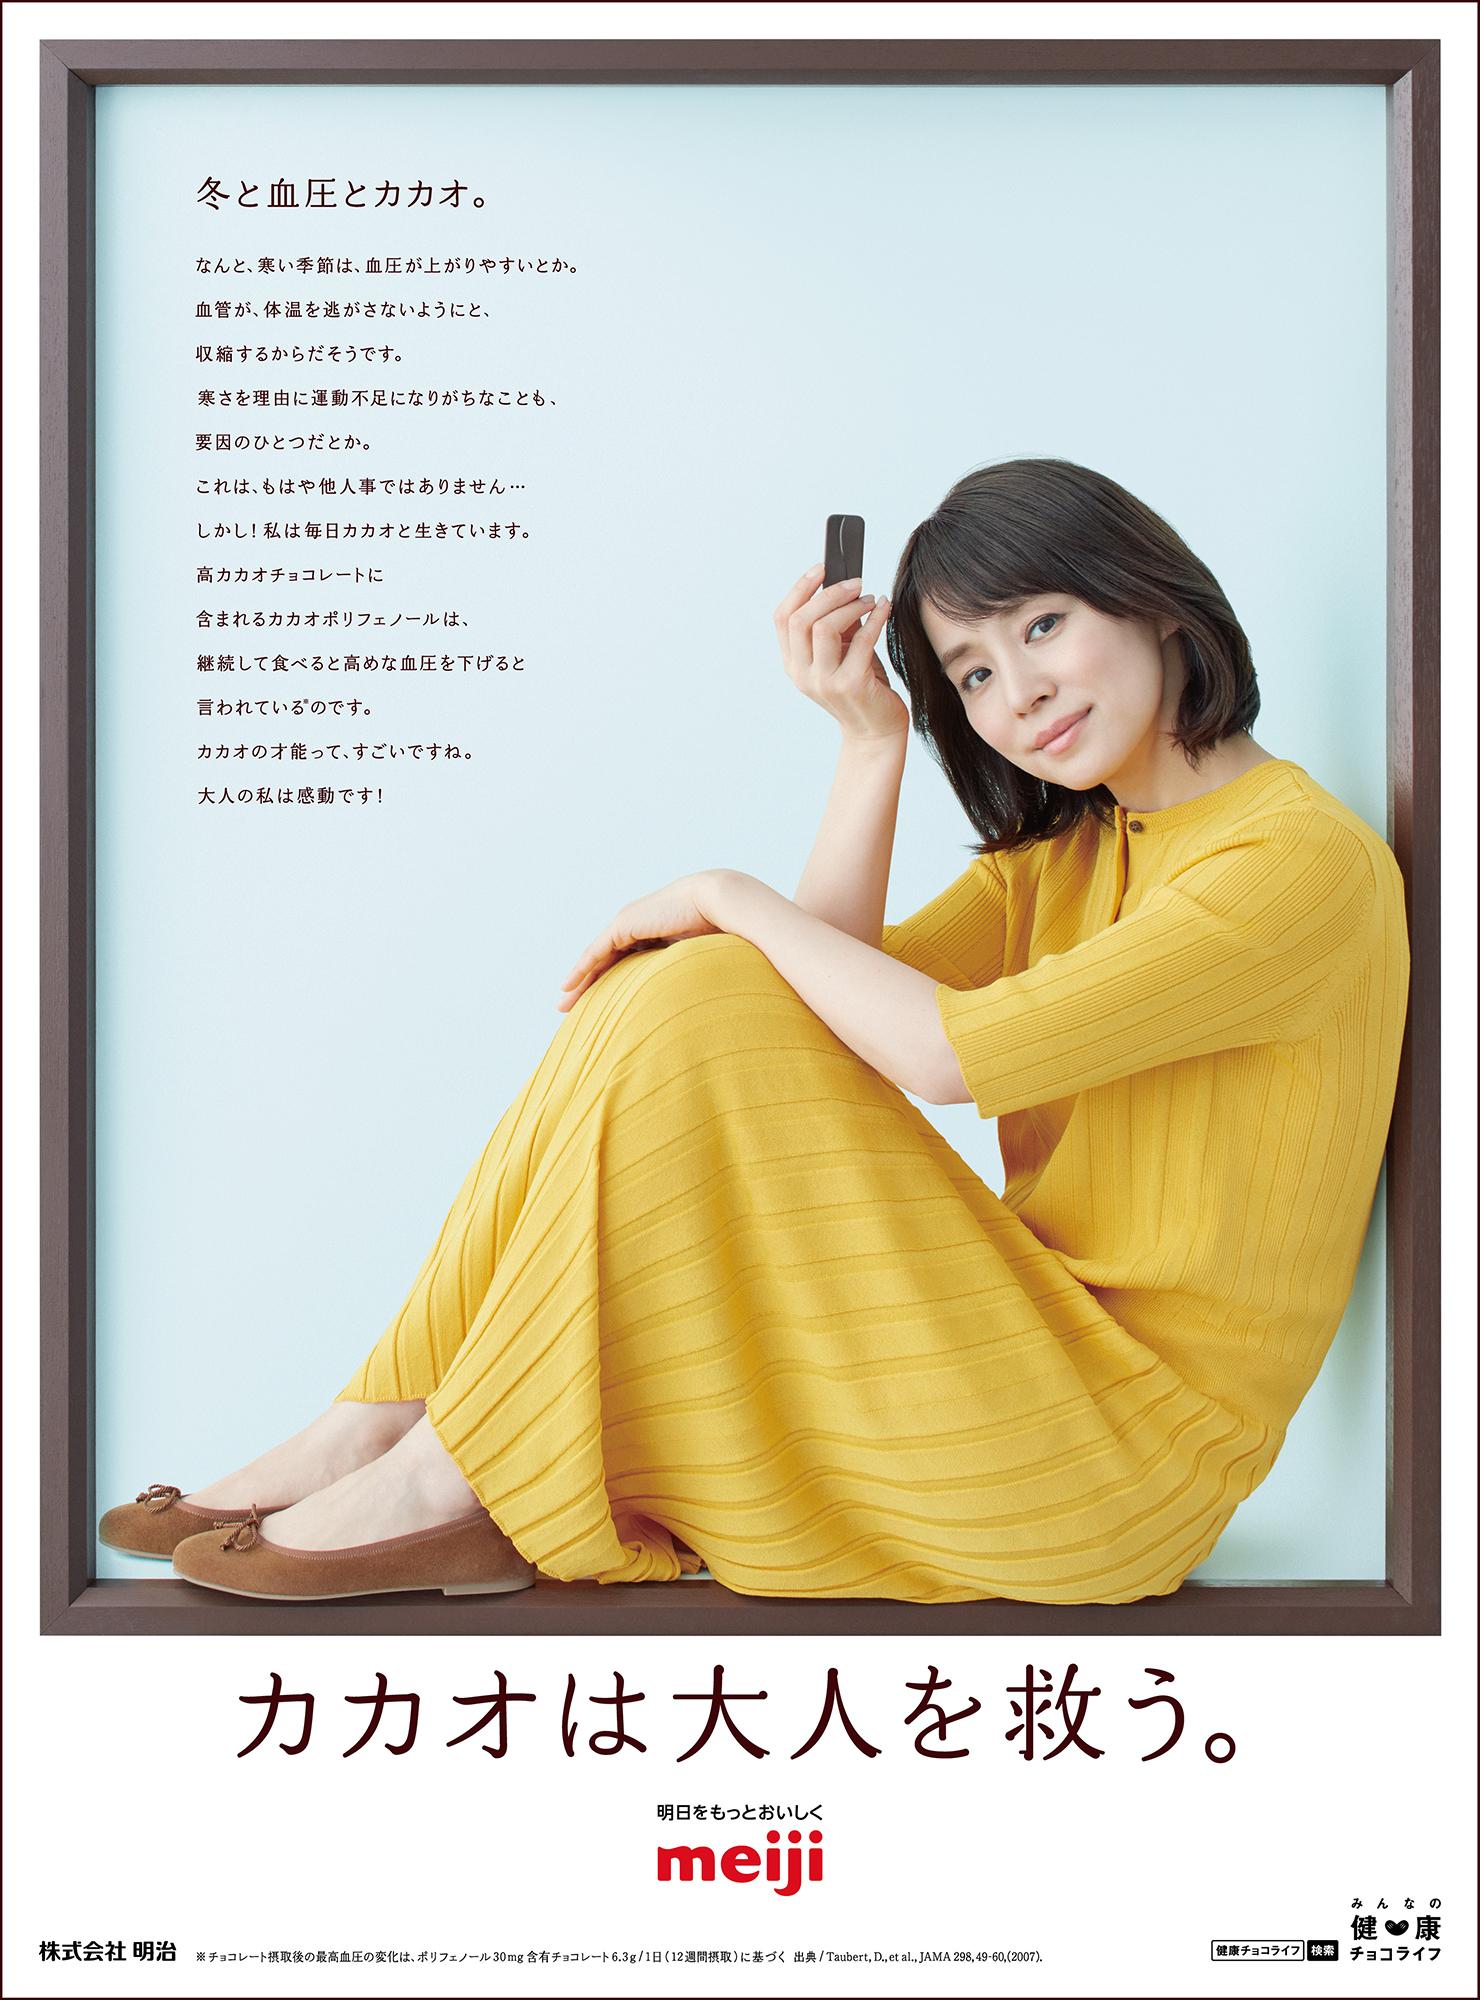 142_meiji02_2000px_72dpi.jpg